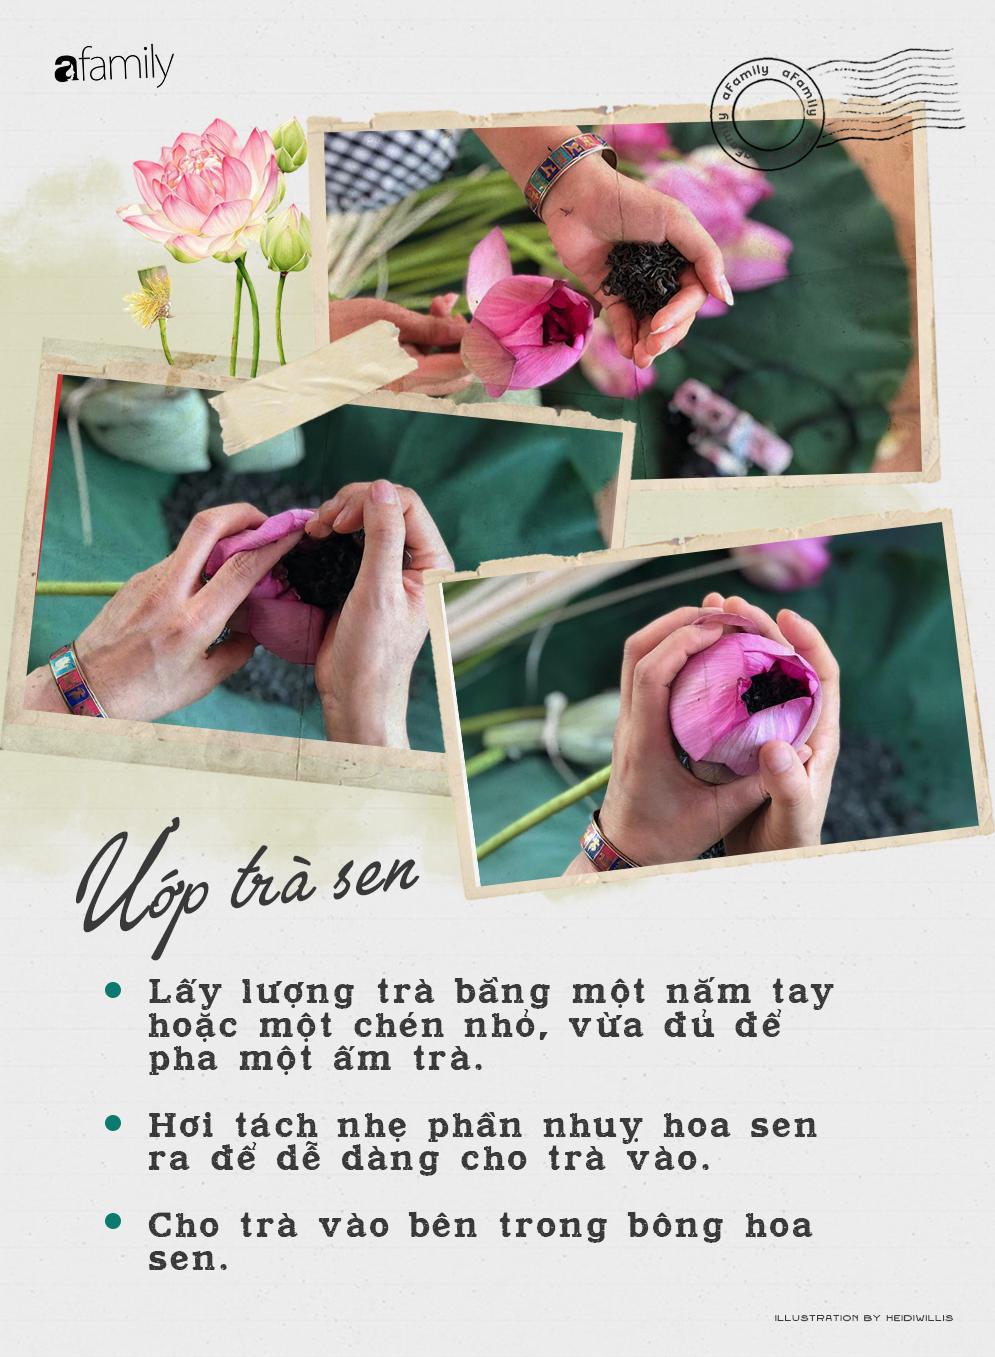 Cô gái Hà Nội hướng dẫn cách ướp trà sen thơm ngát chuẩn ngon đến người lười cũng làm theo được - Ảnh 5